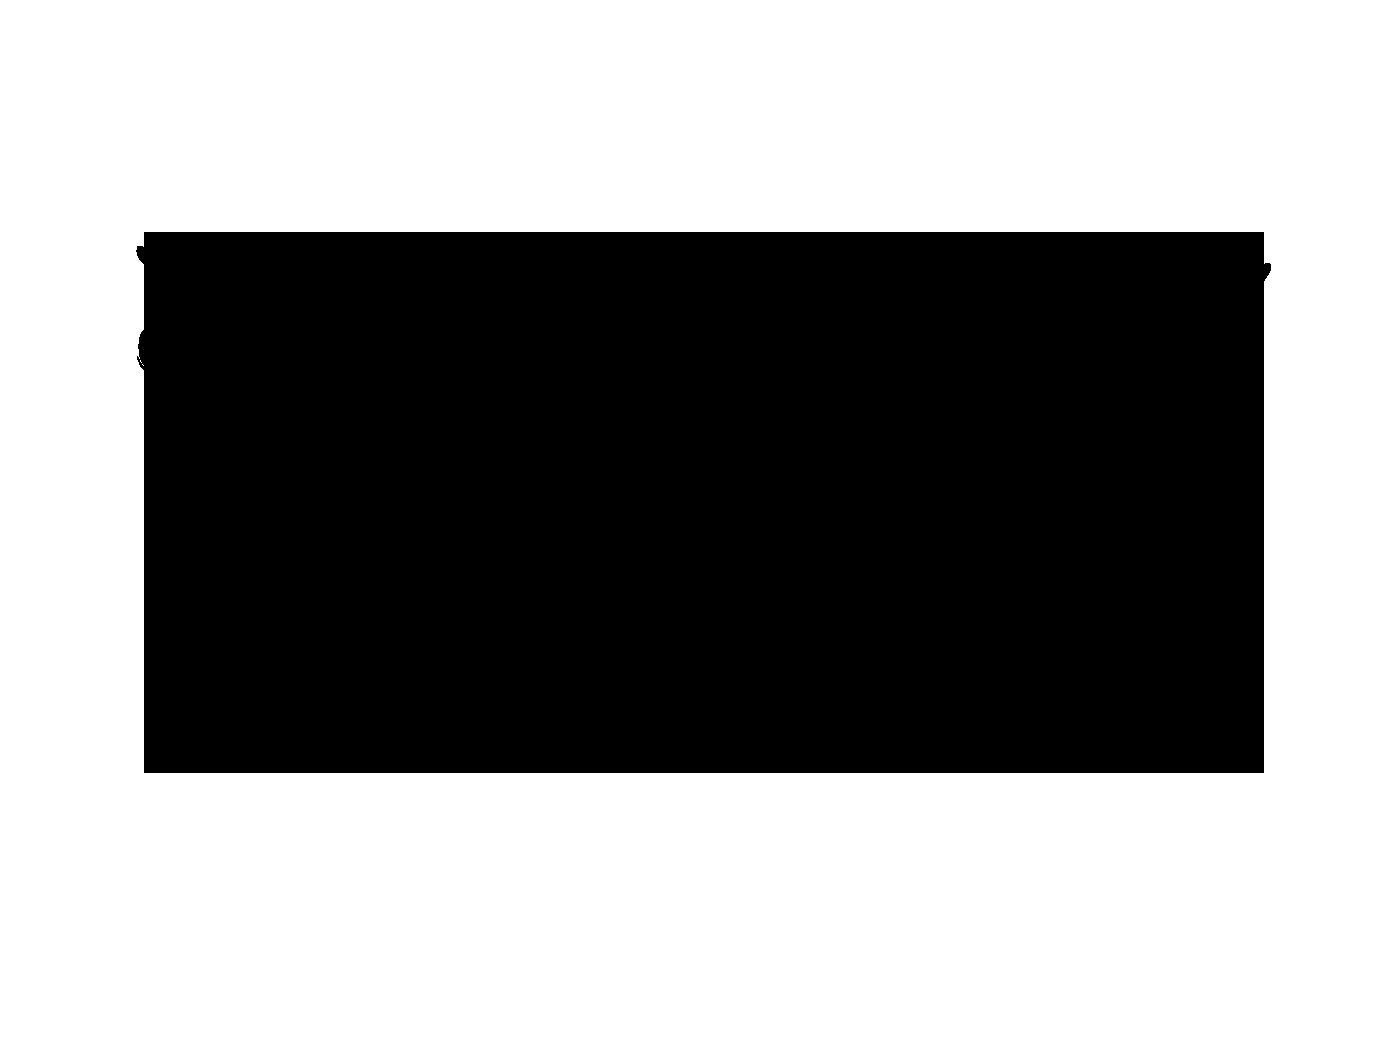 duvetica-script-font-1